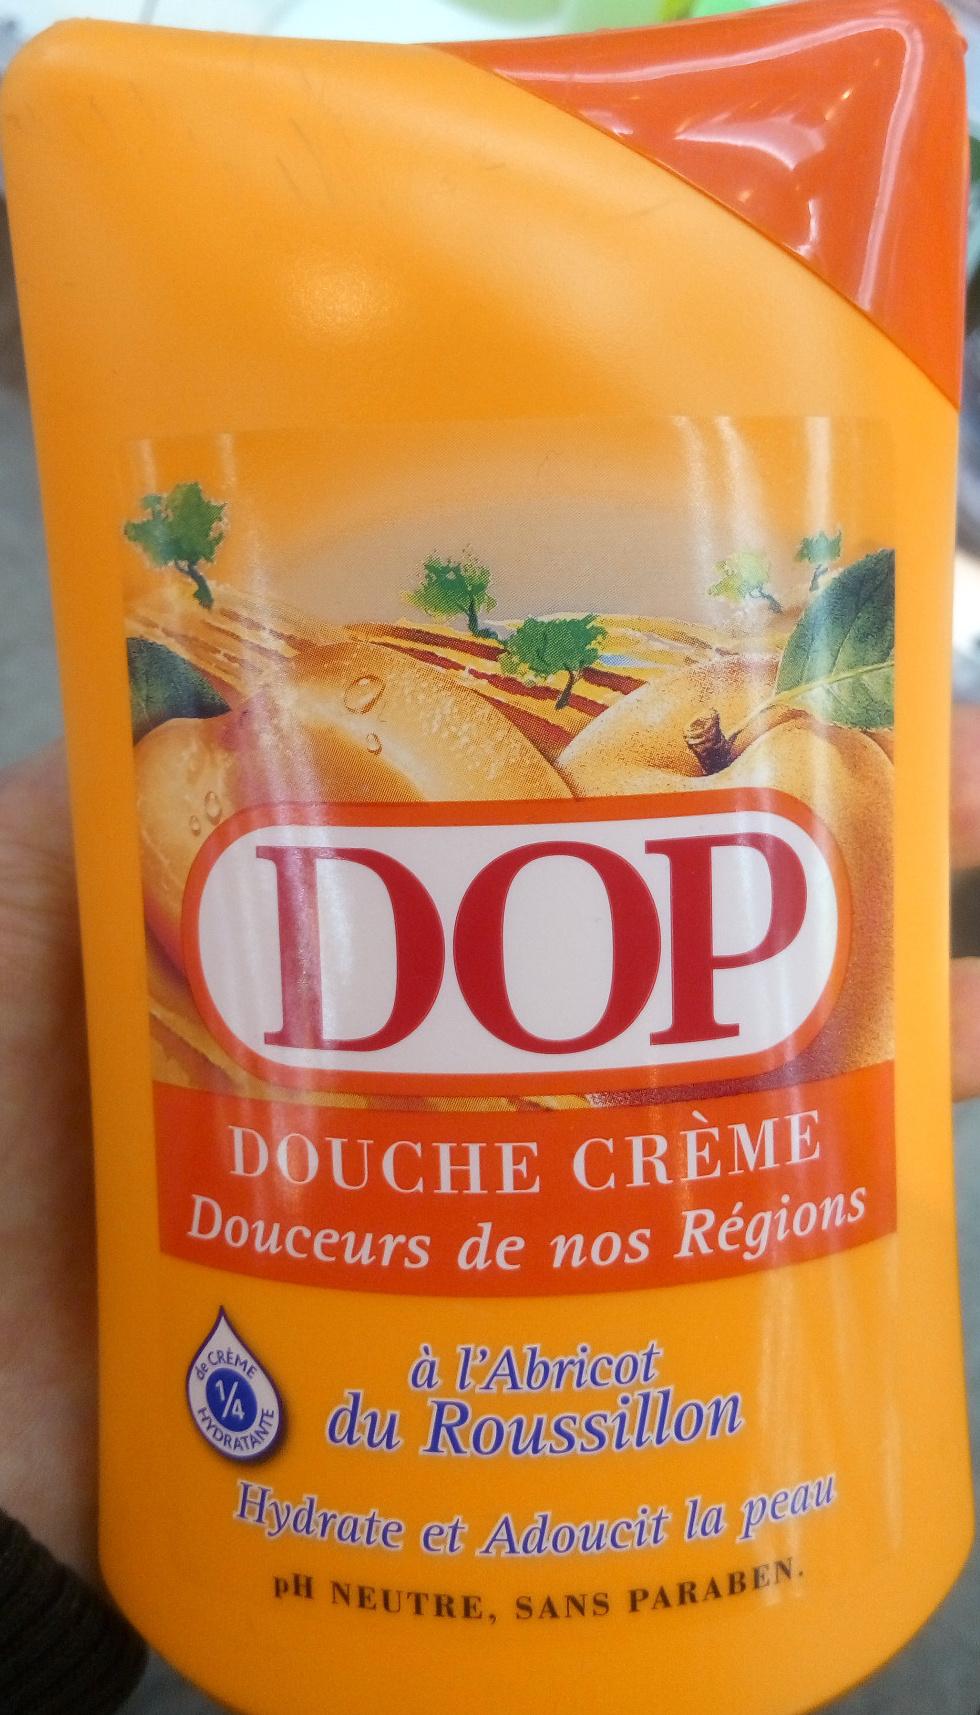 Douche crème douceurs de nos régions à l'abricot du Roussillon - Product